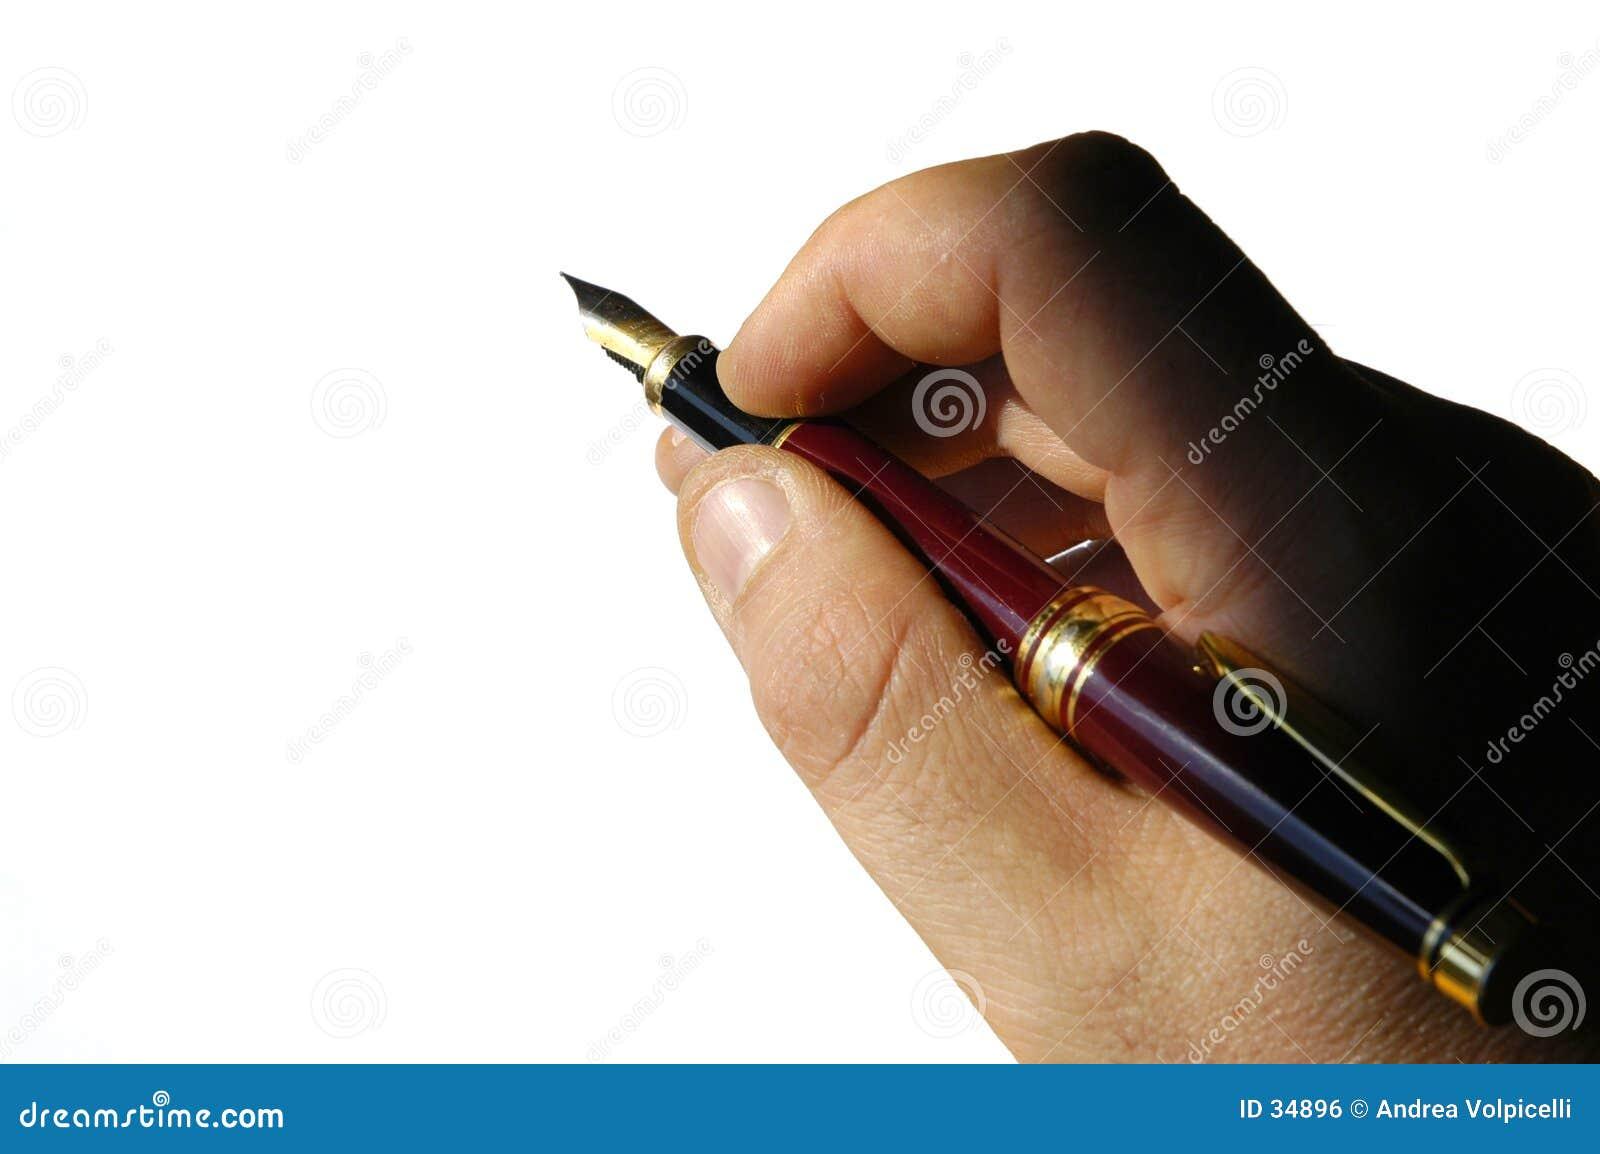 Springbrunnen hands pennan